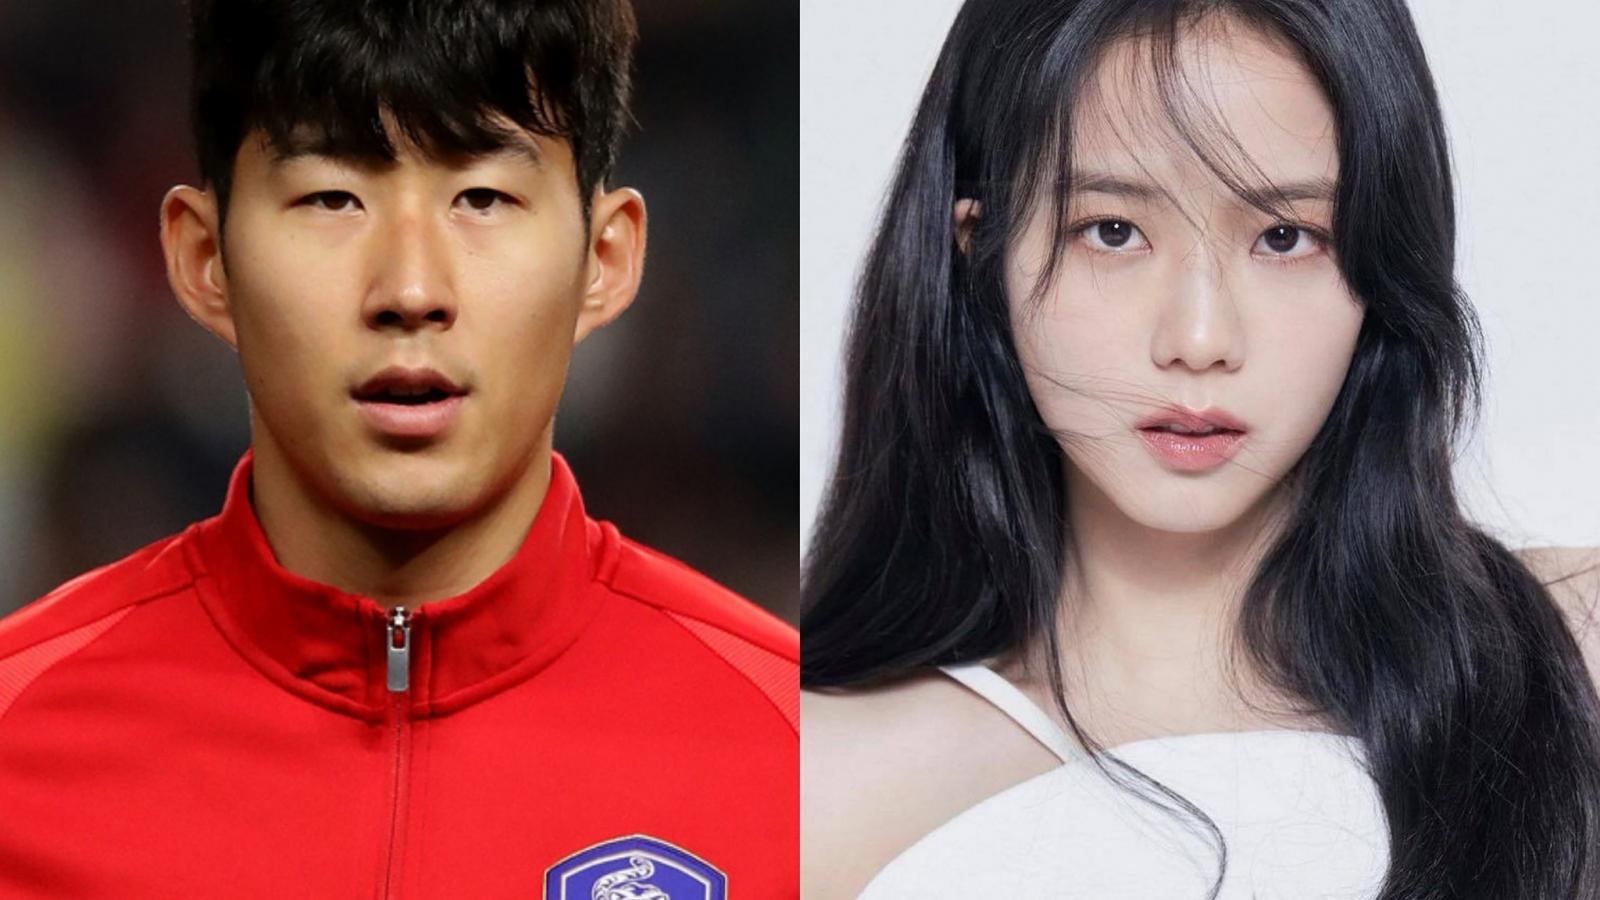 Công ty YG lên tiếng về tin đồn hẹn hò của Jisoo (BLACKPINK) và Son Heung Min